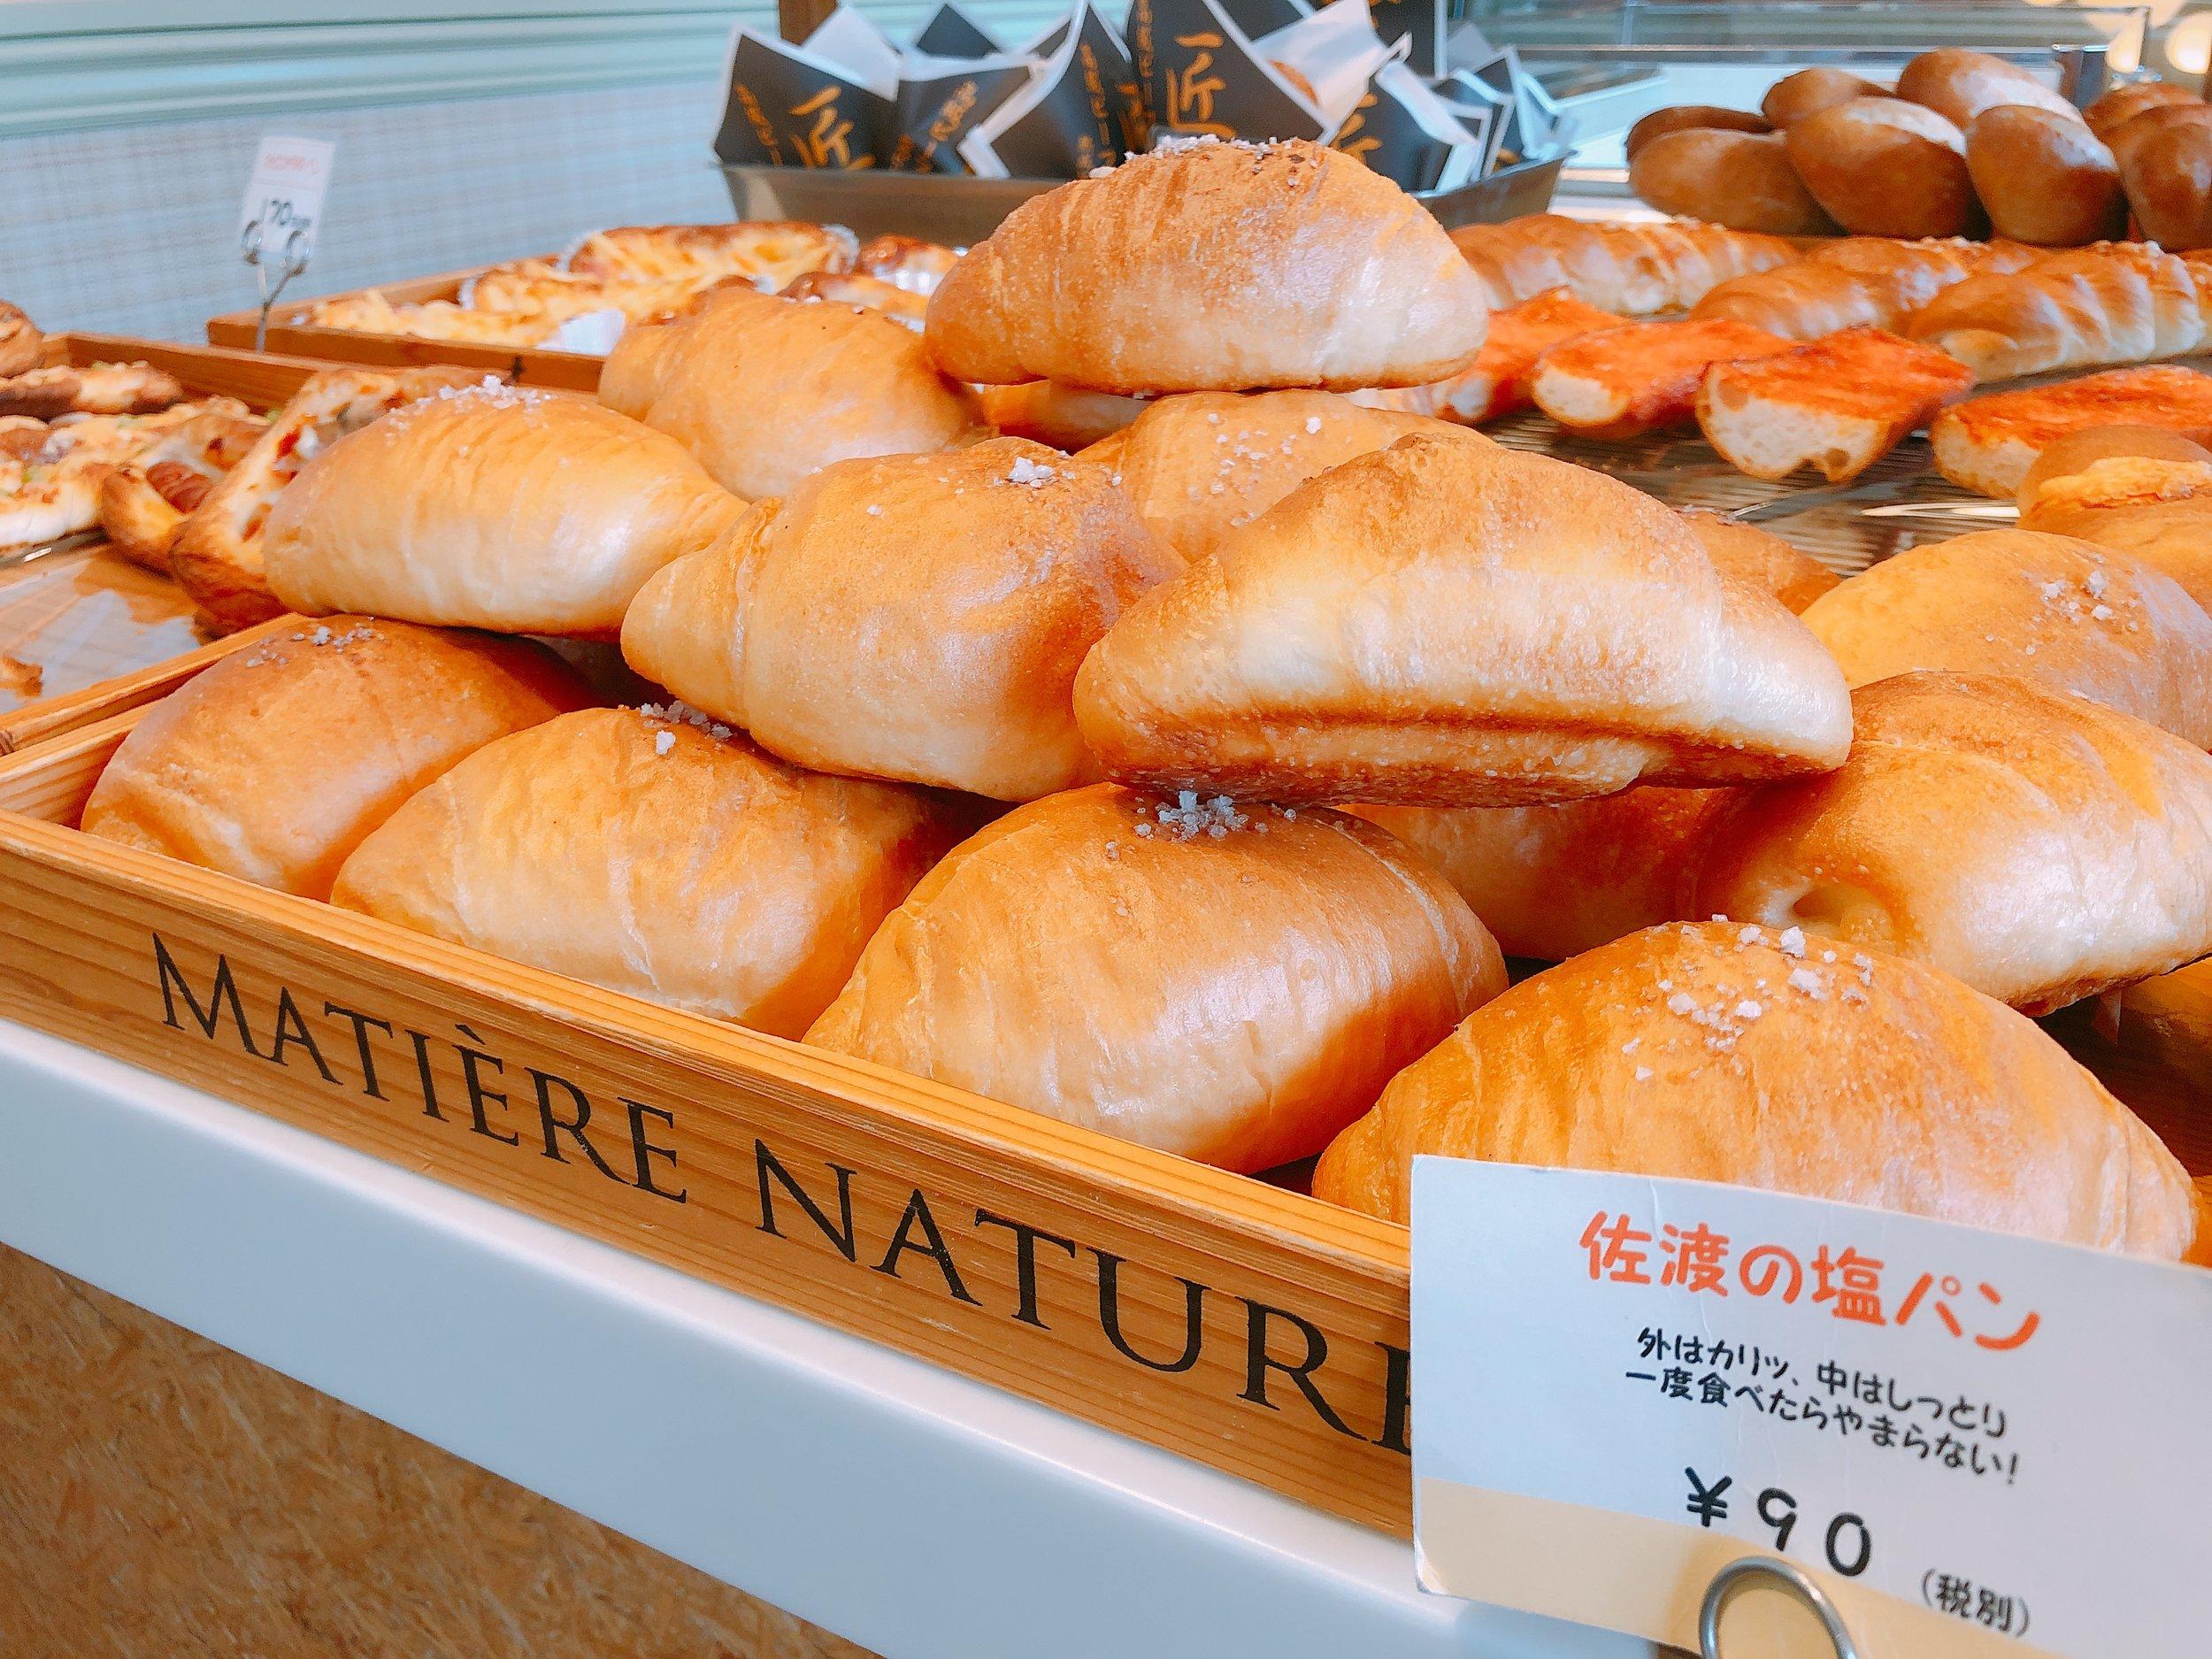 喜昇堂の「佐渡の塩パン」